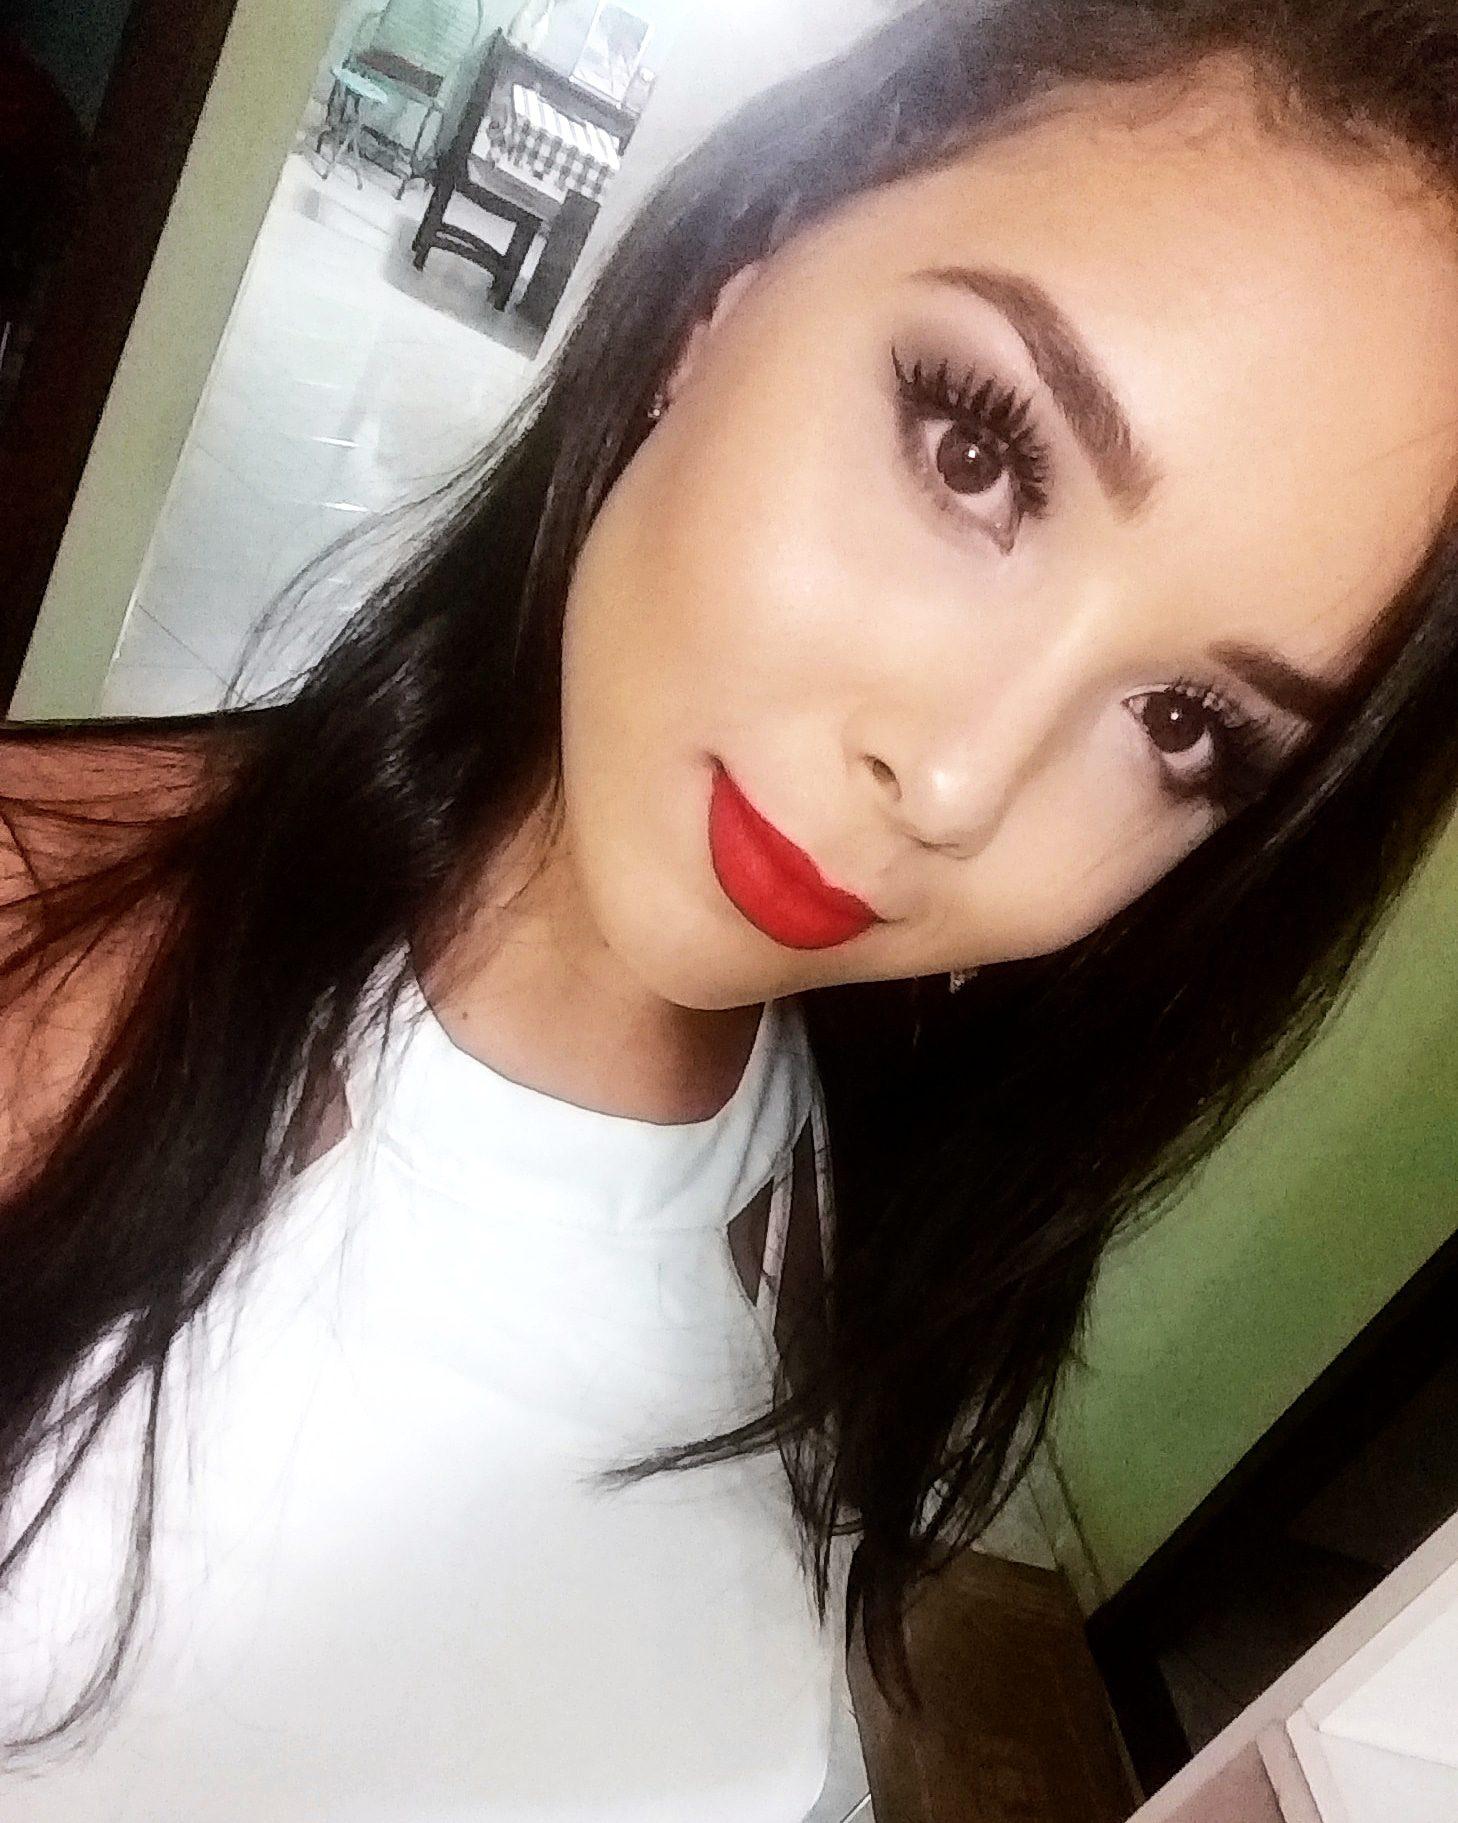 Estudando 4 horas por dia, Karolaine Freitas foi aprovada no Exame OAB